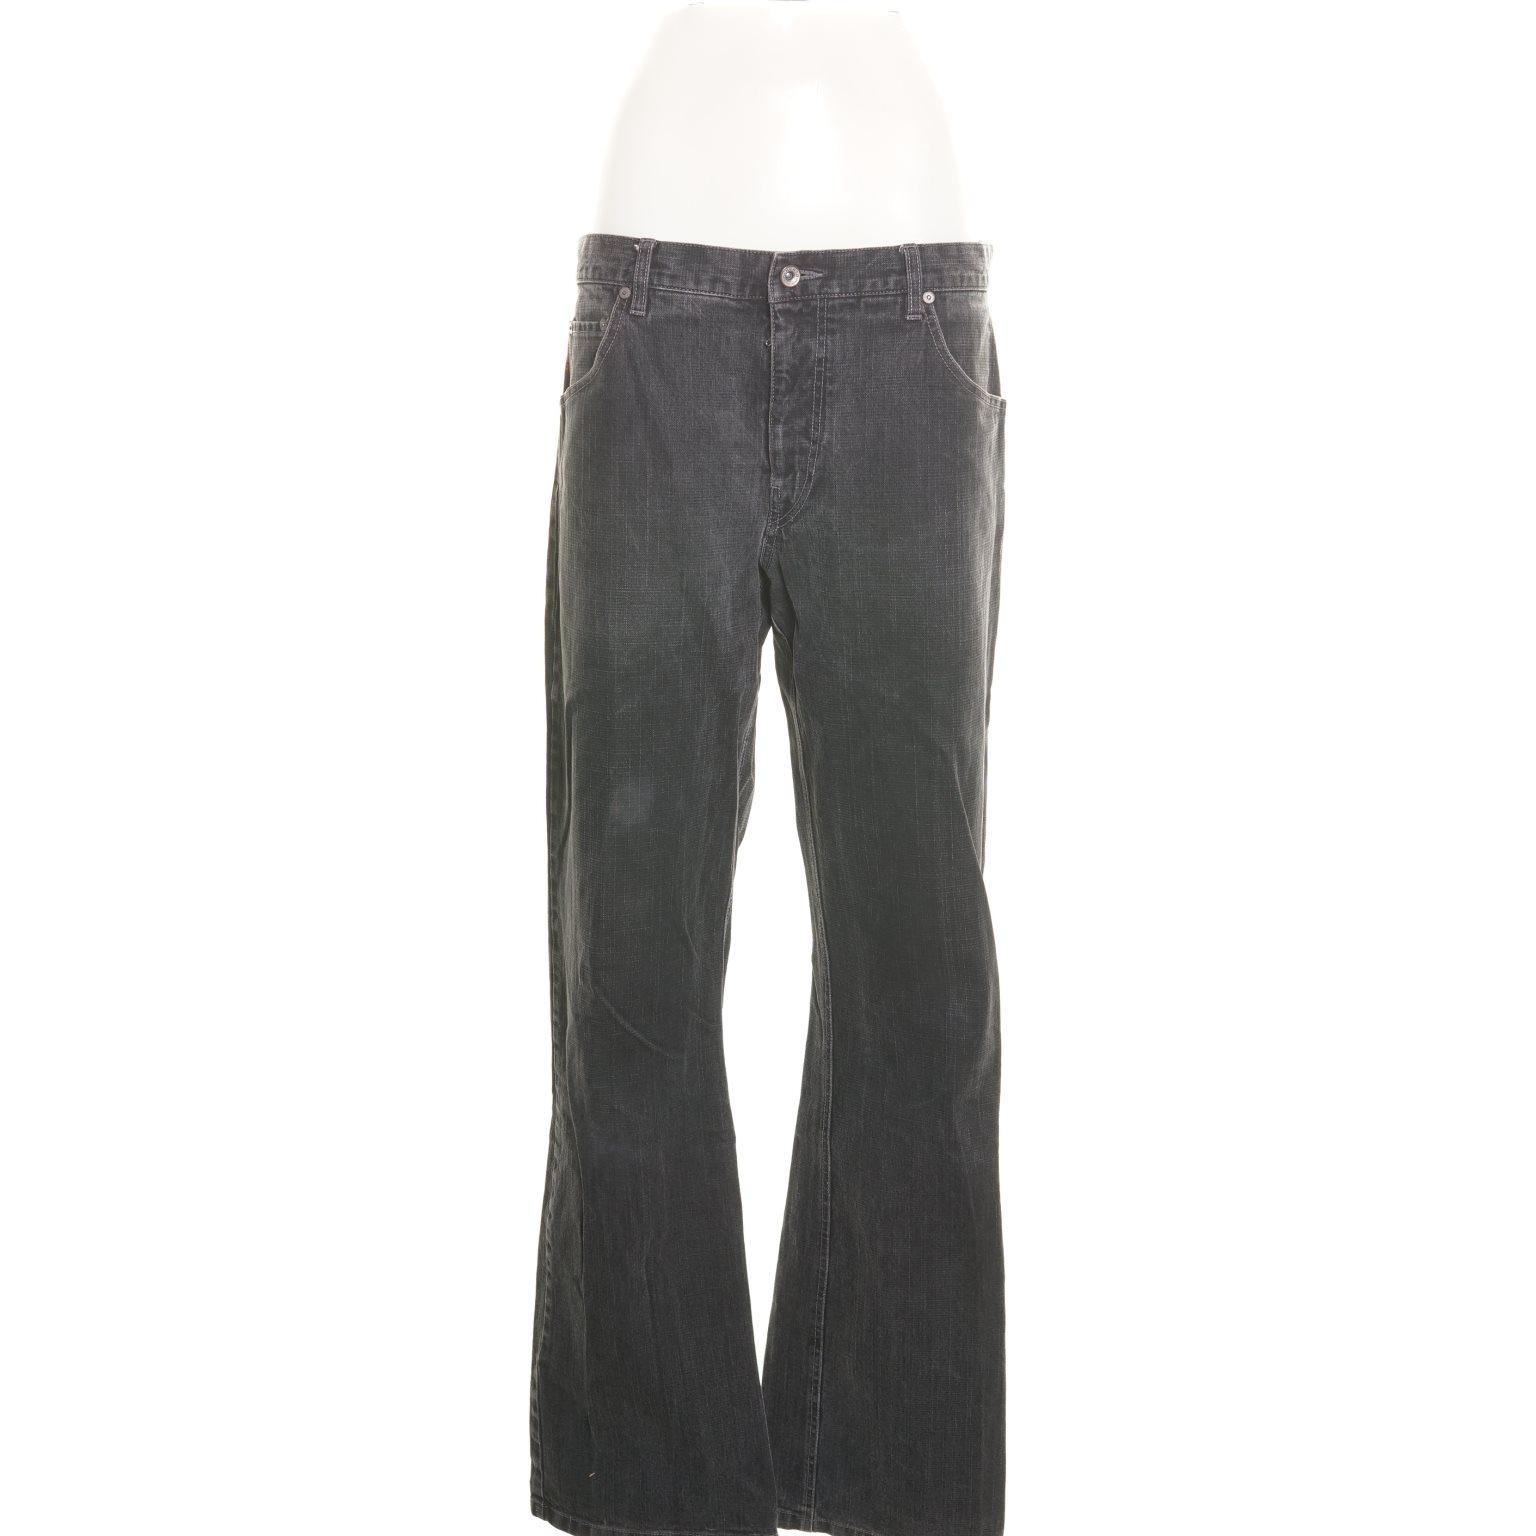 c52df0a3324 Alberto, Jeans, Strl: 102, Grå (342420601) ᐈ Sellpy på Tradera